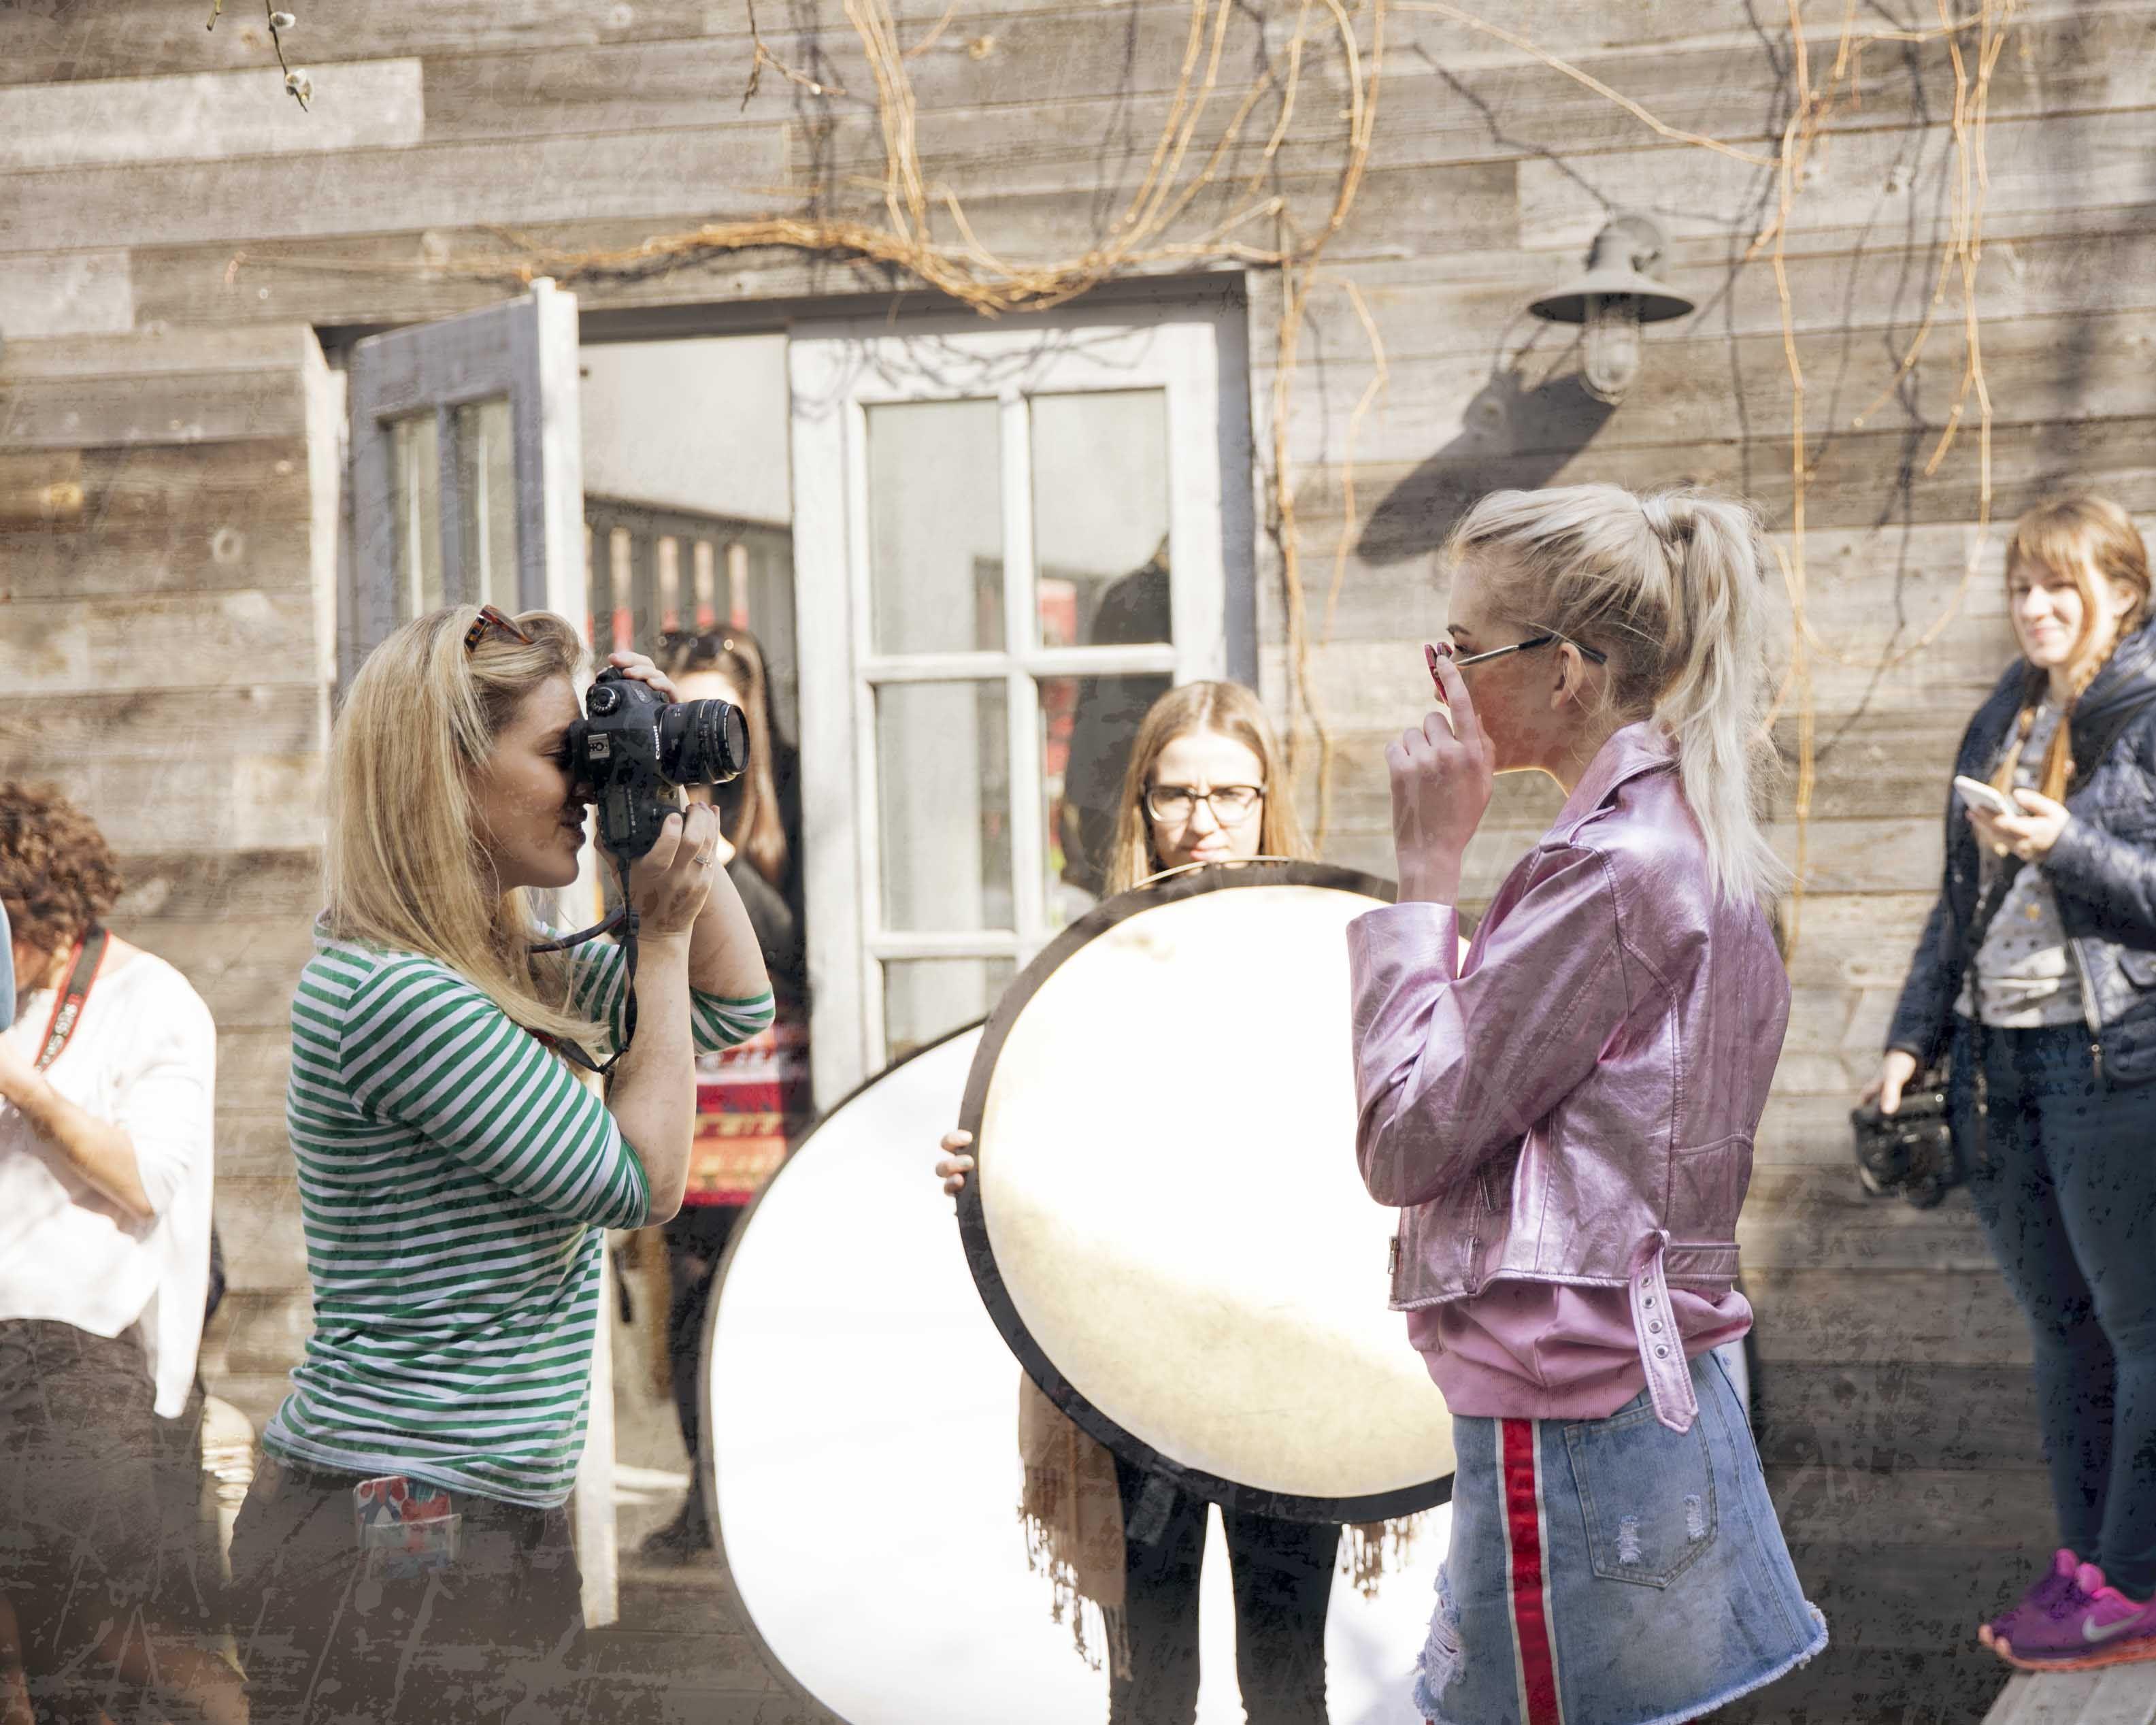 частенько захаживаю курсы спортивного фотографа в москве с дипломом даже